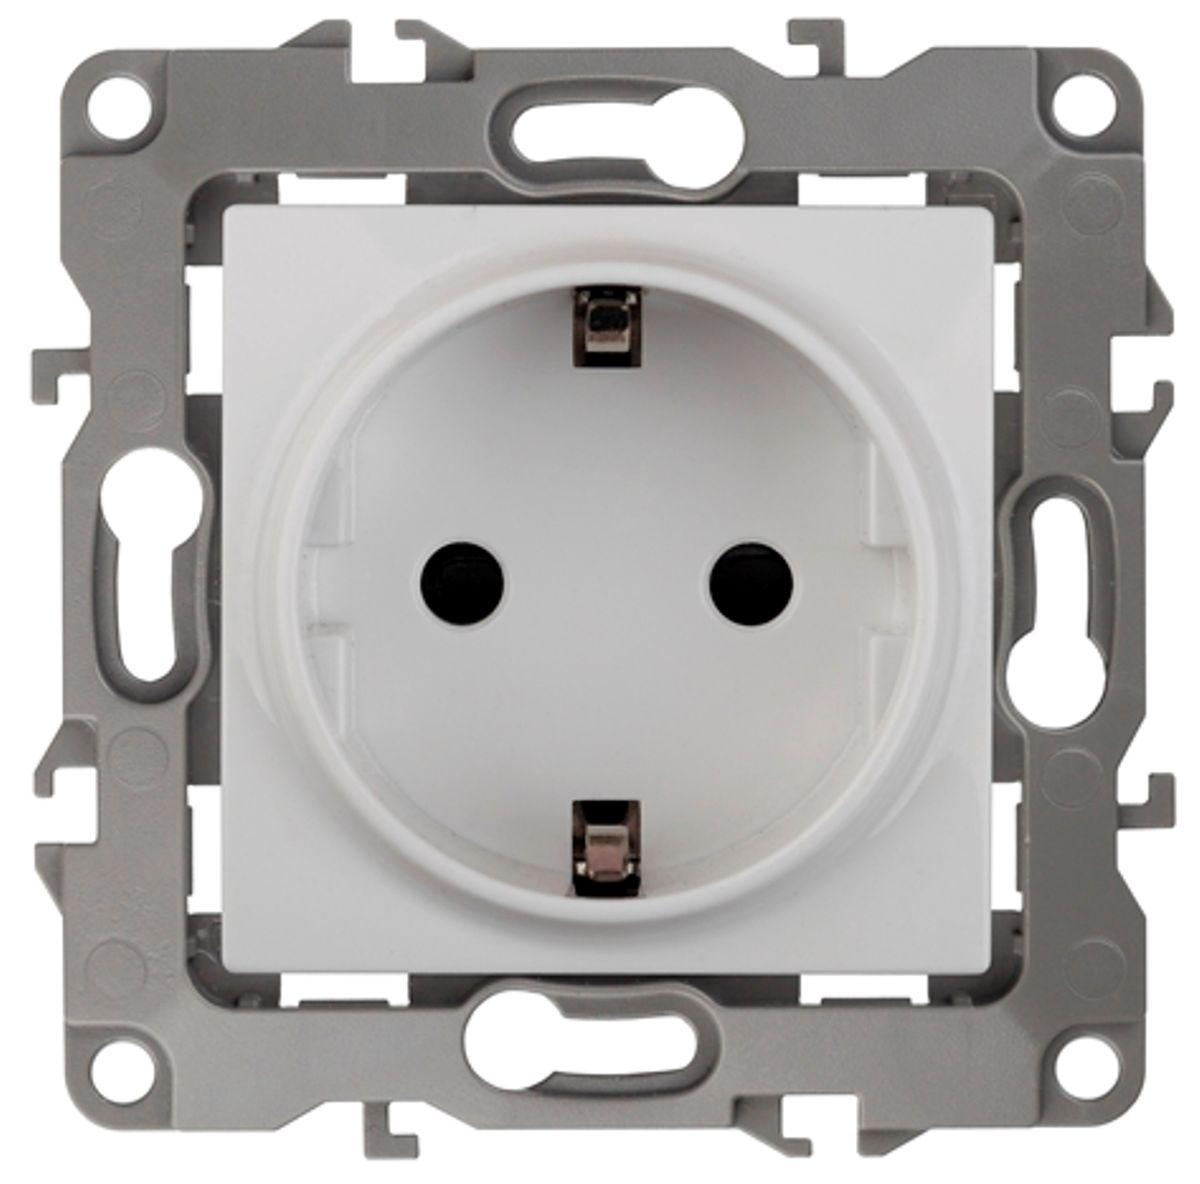 Розетка одинарная Эра, со шторками, цвет: белый. 12-2102-0112-2102-01Одинарная розетка Эра с заземлением, скрытой установки, со шторками, имеет бронзовые контакты и фиксаторы модулей. Автоматические зажимы кабеля обеспечивают быстрый и надежный монтаж изделия к электросети без отвертки и не требуют обслуживания в отличие от винтовых зажимов.